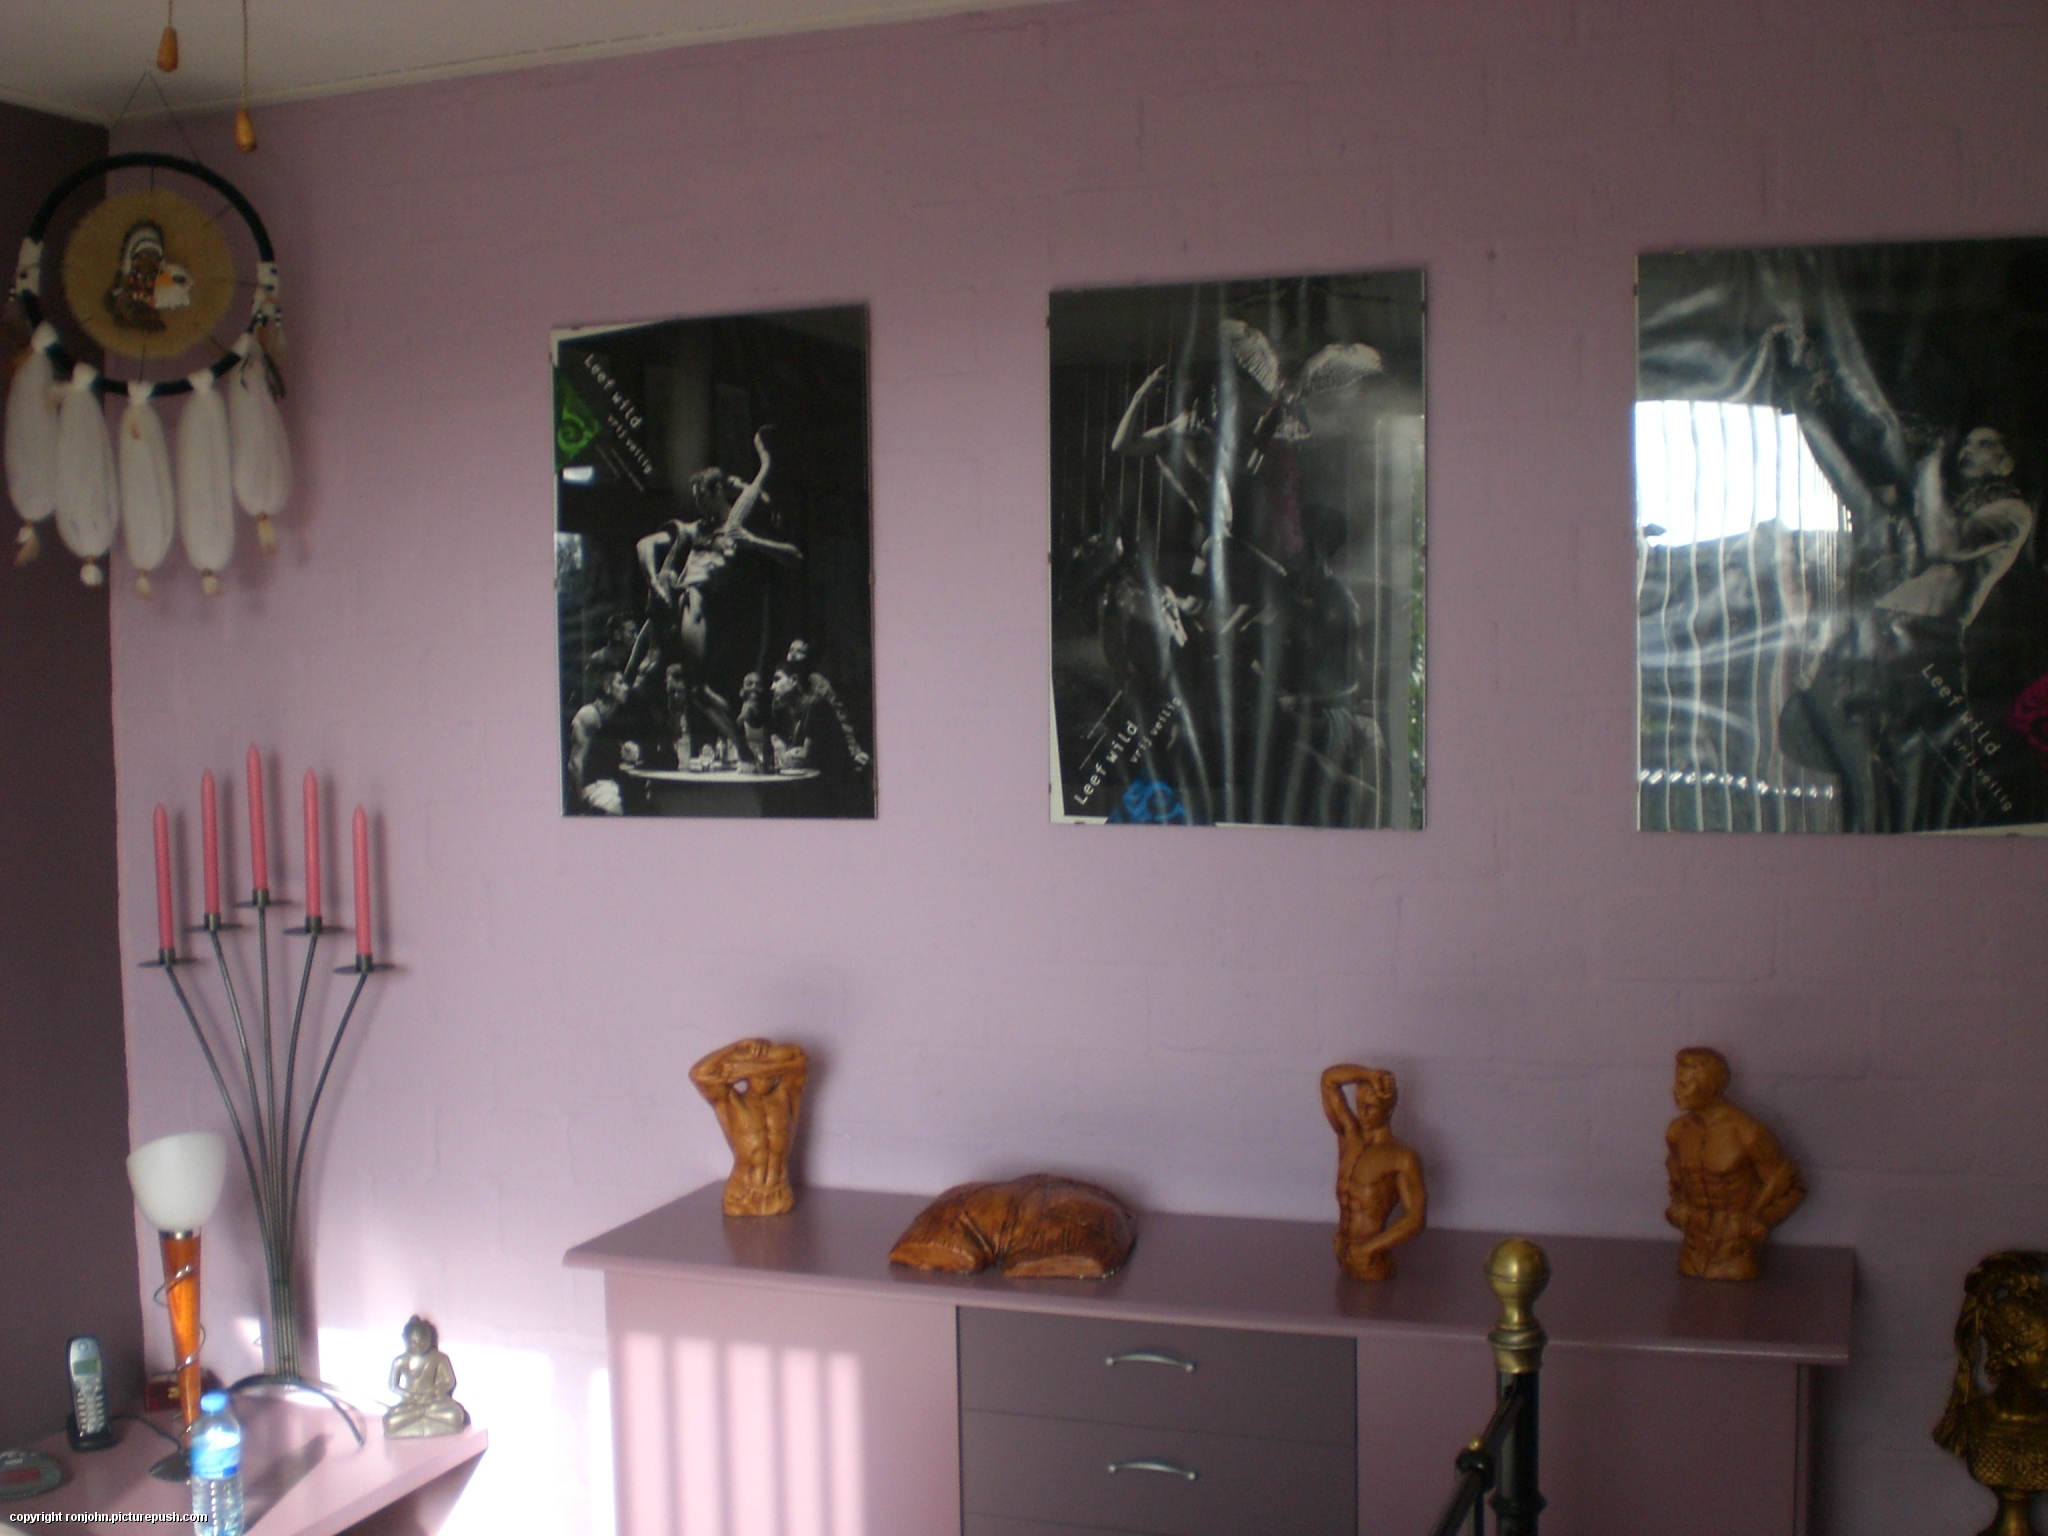 Slaapkamer met plafond - Slaapkamer jaar ...